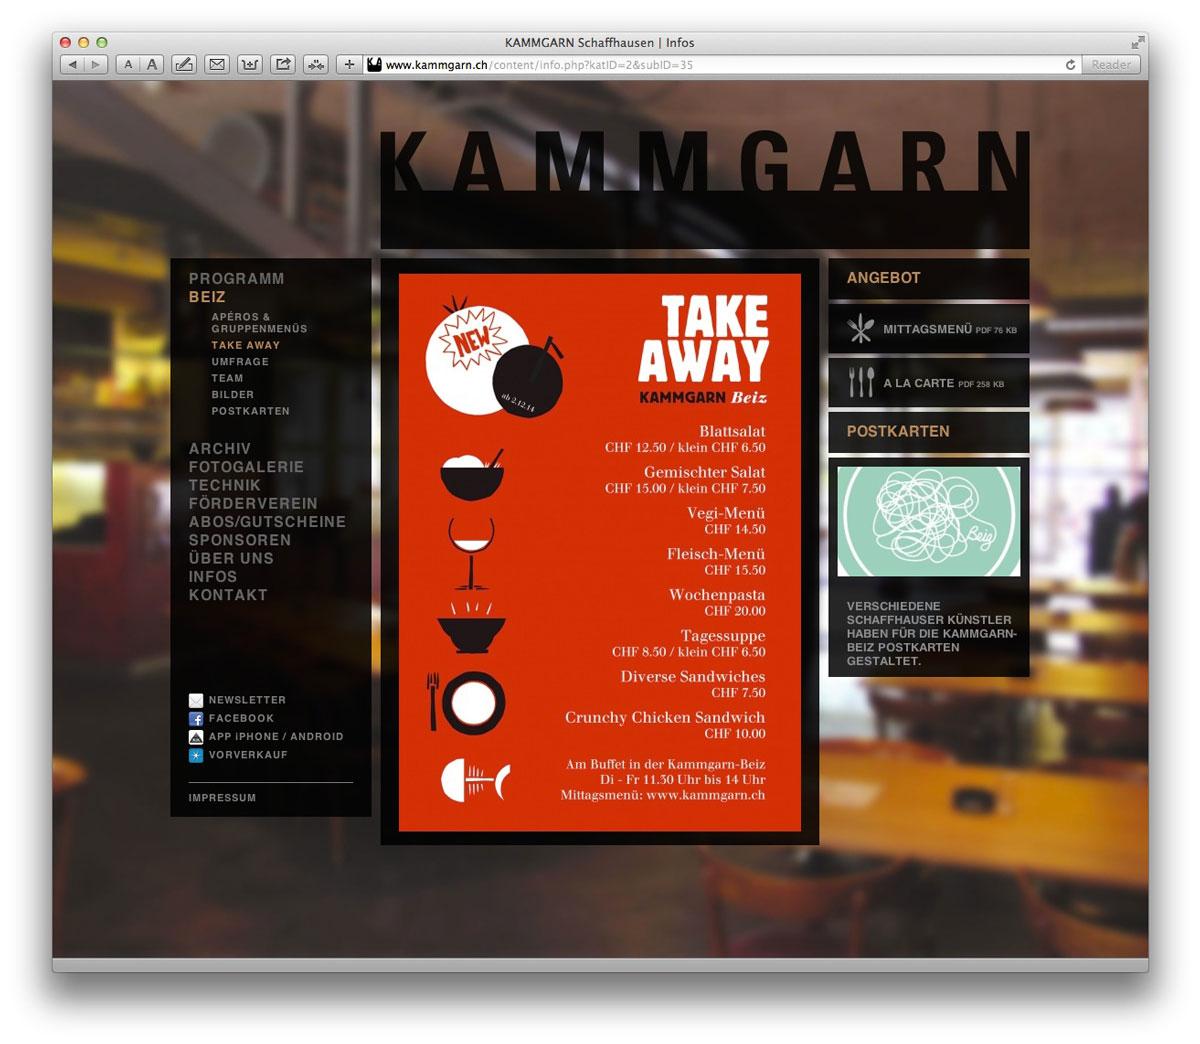 Website_Kammgarn_Schaffhausen_4